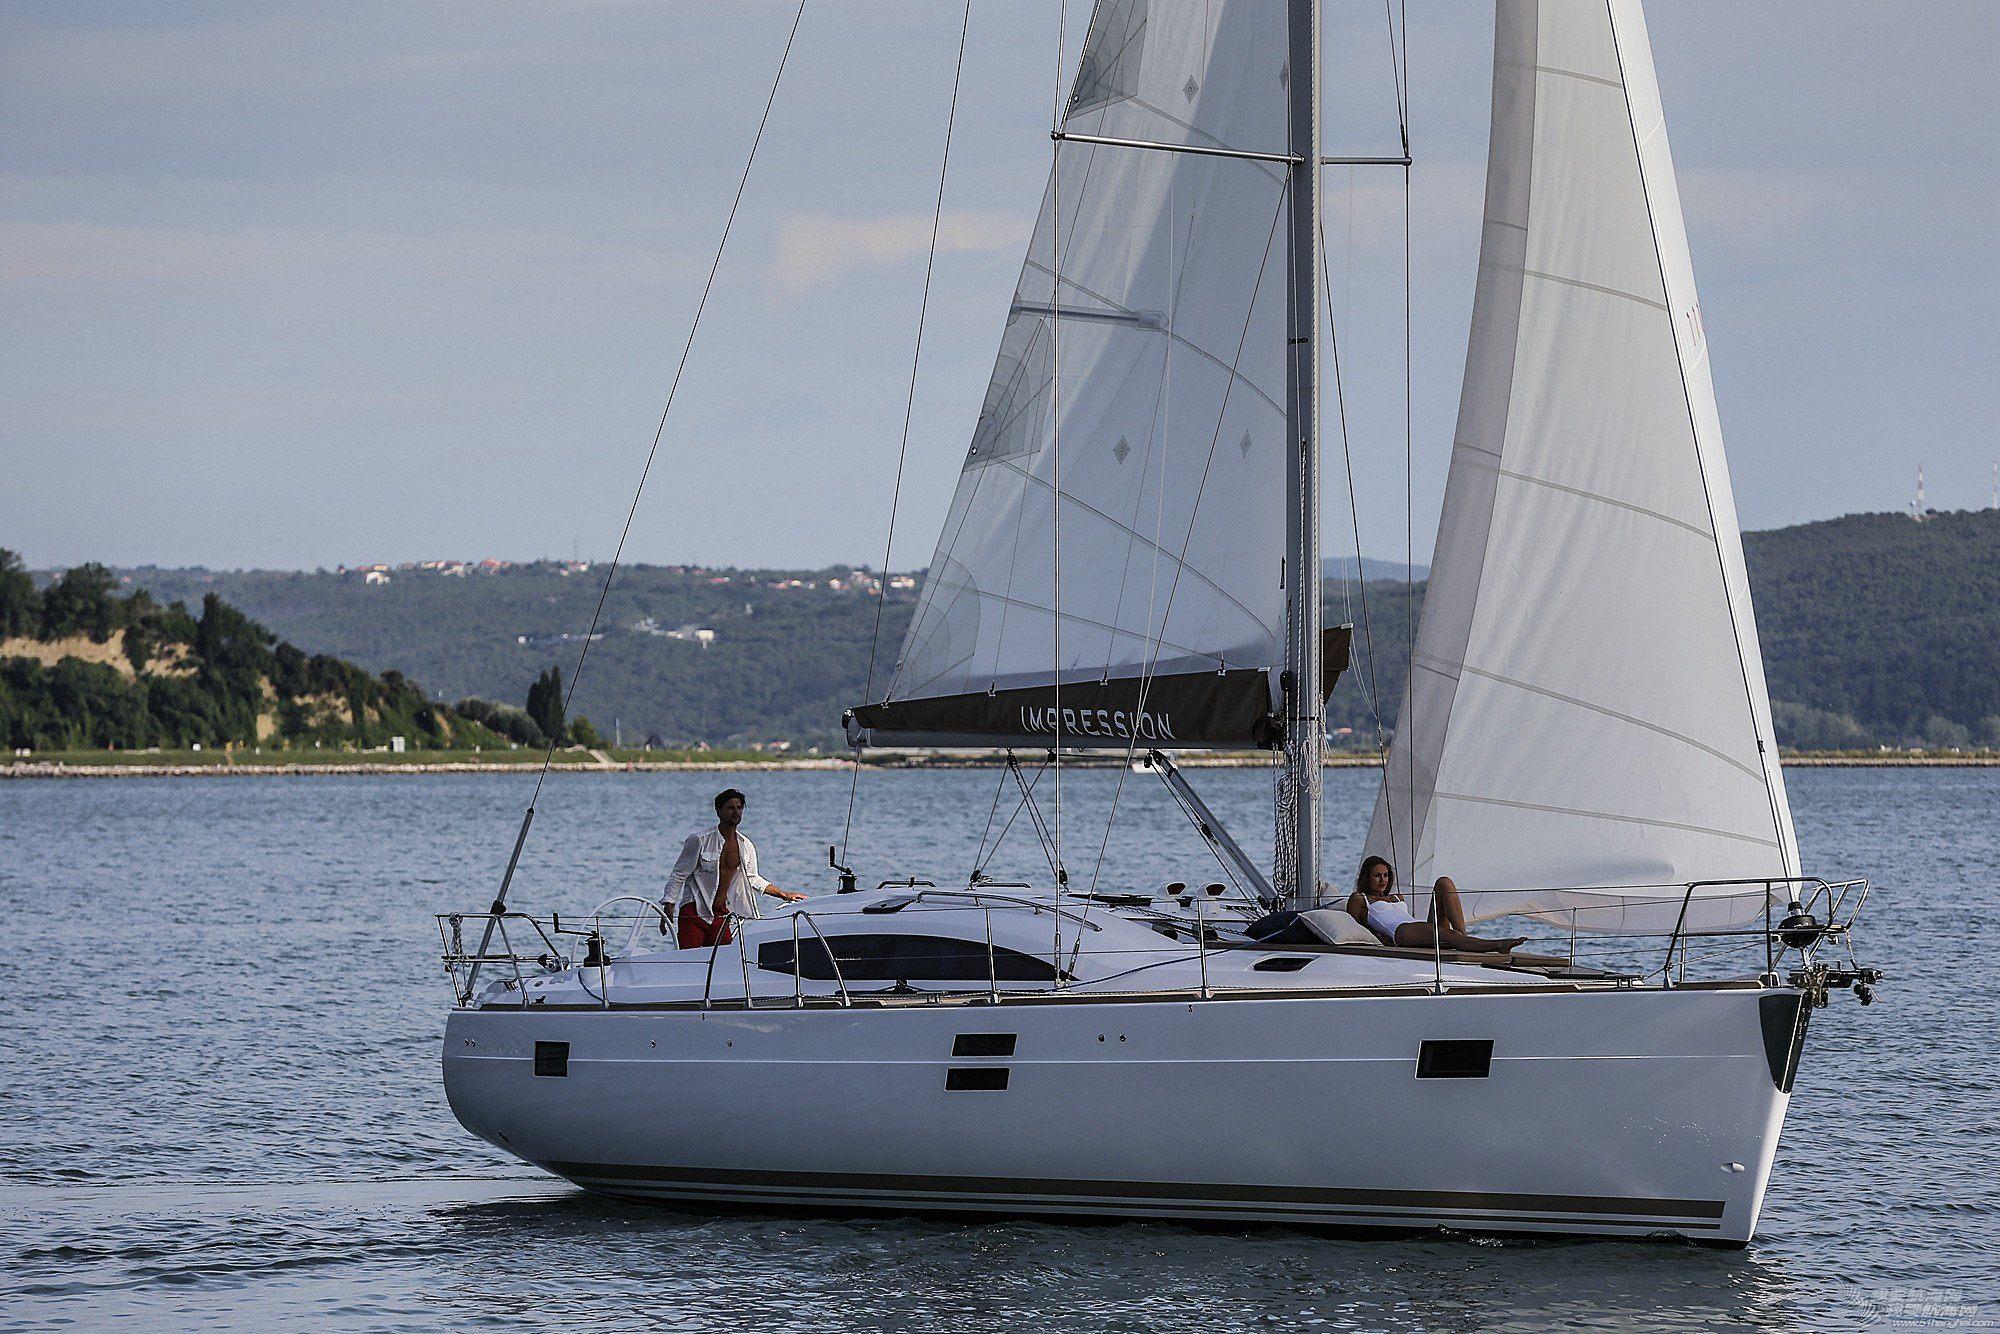 帆船,休闲,印象 elan IMPRESSION 45豪华休闲帆船 逸蓝45英尺巡航帆船